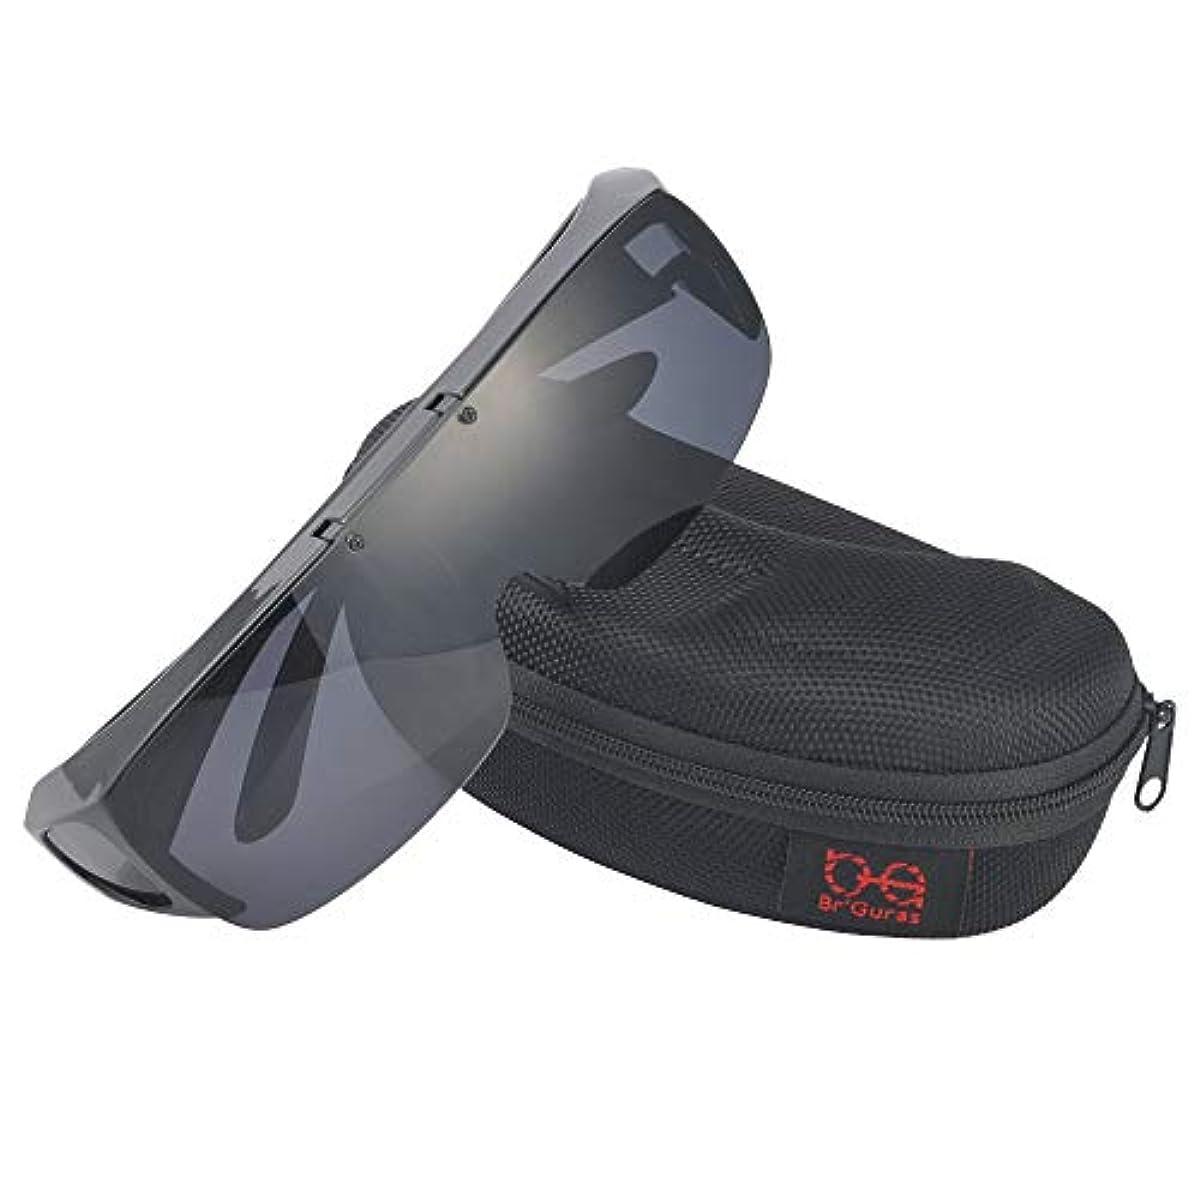 [해외] BR'GURAS over글래스 편광 썬글라스 안경을 건(걸친) 채로 대응 썬글라스 뛰어 인상식 UV400 자외선 컷 사이클링,낚시,런닝,야구 모습 좋은 썬글라스